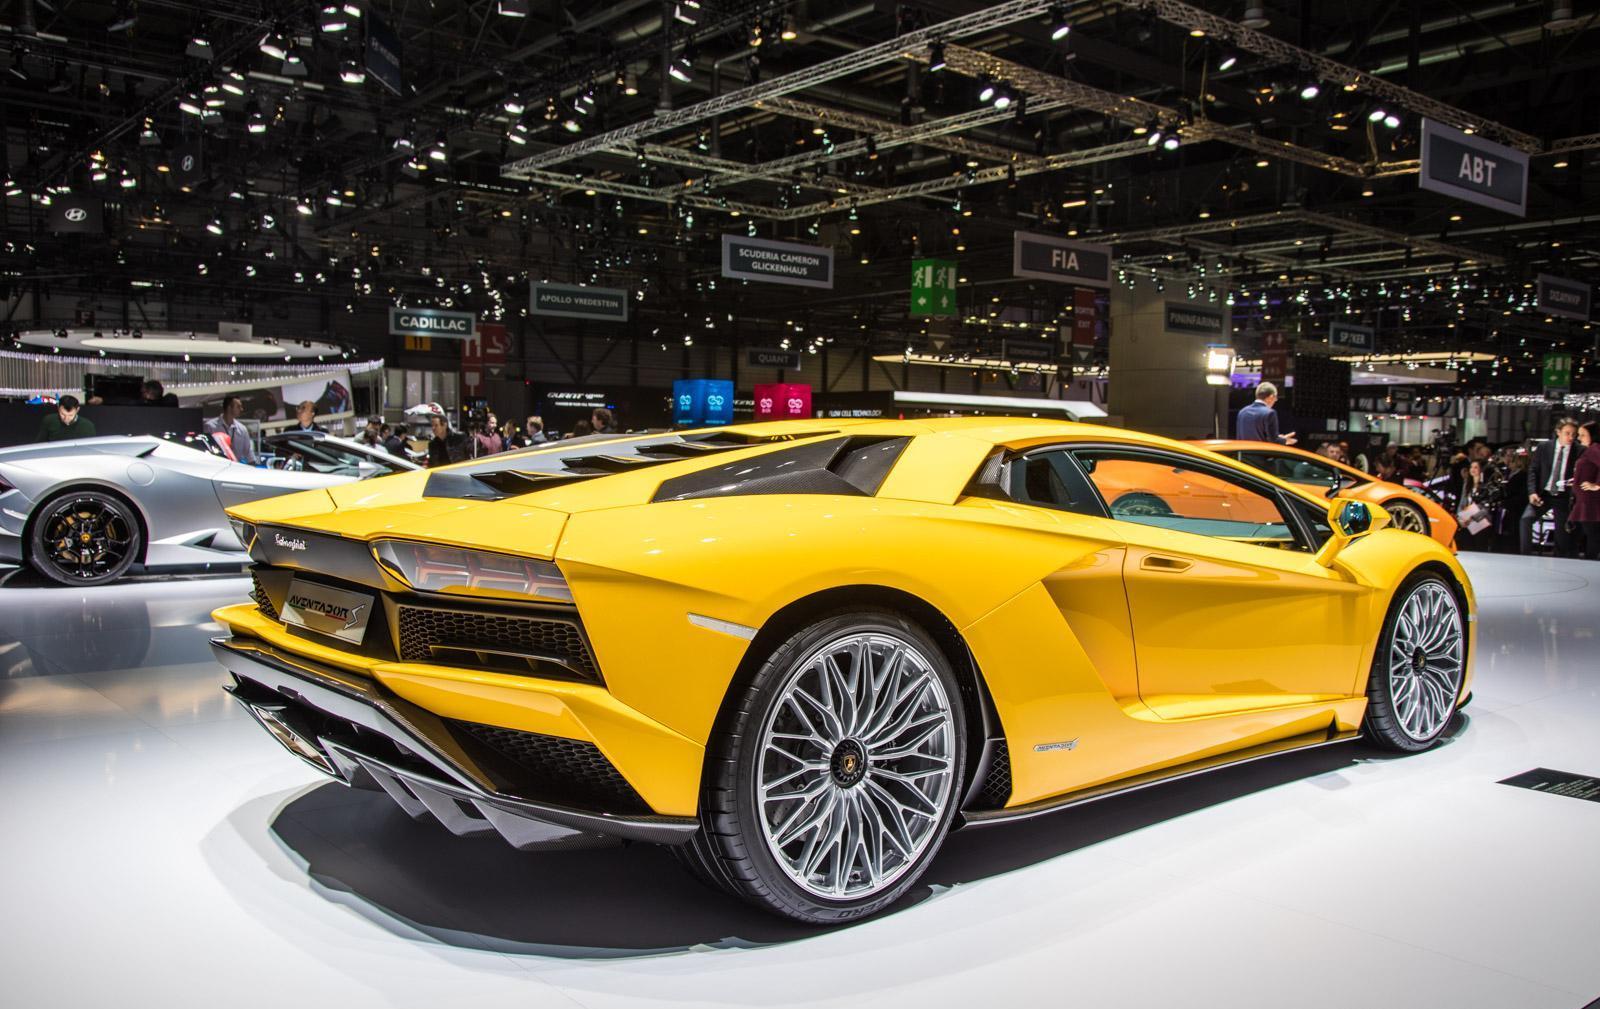 Lamborghini-aventador-s-009